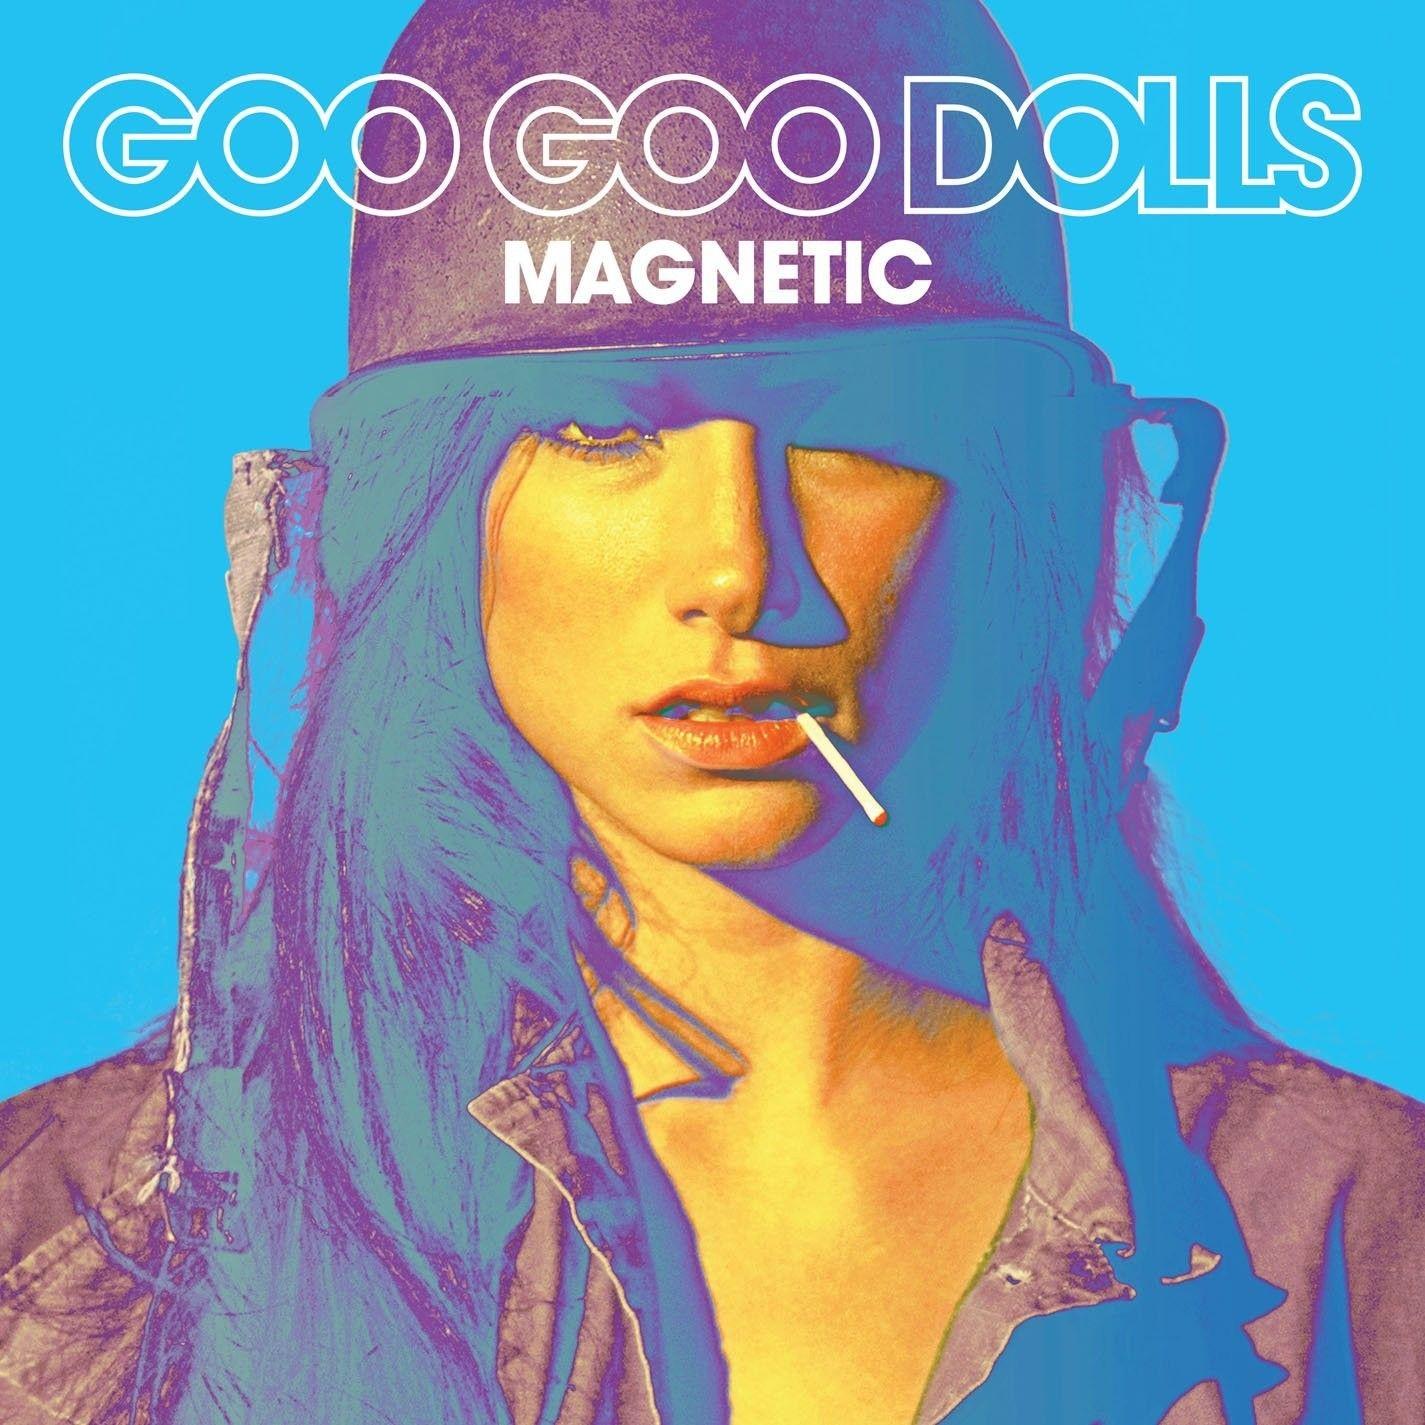 Magnetic Vinyl Lp Goo Goo Dolls Album Covers Goo